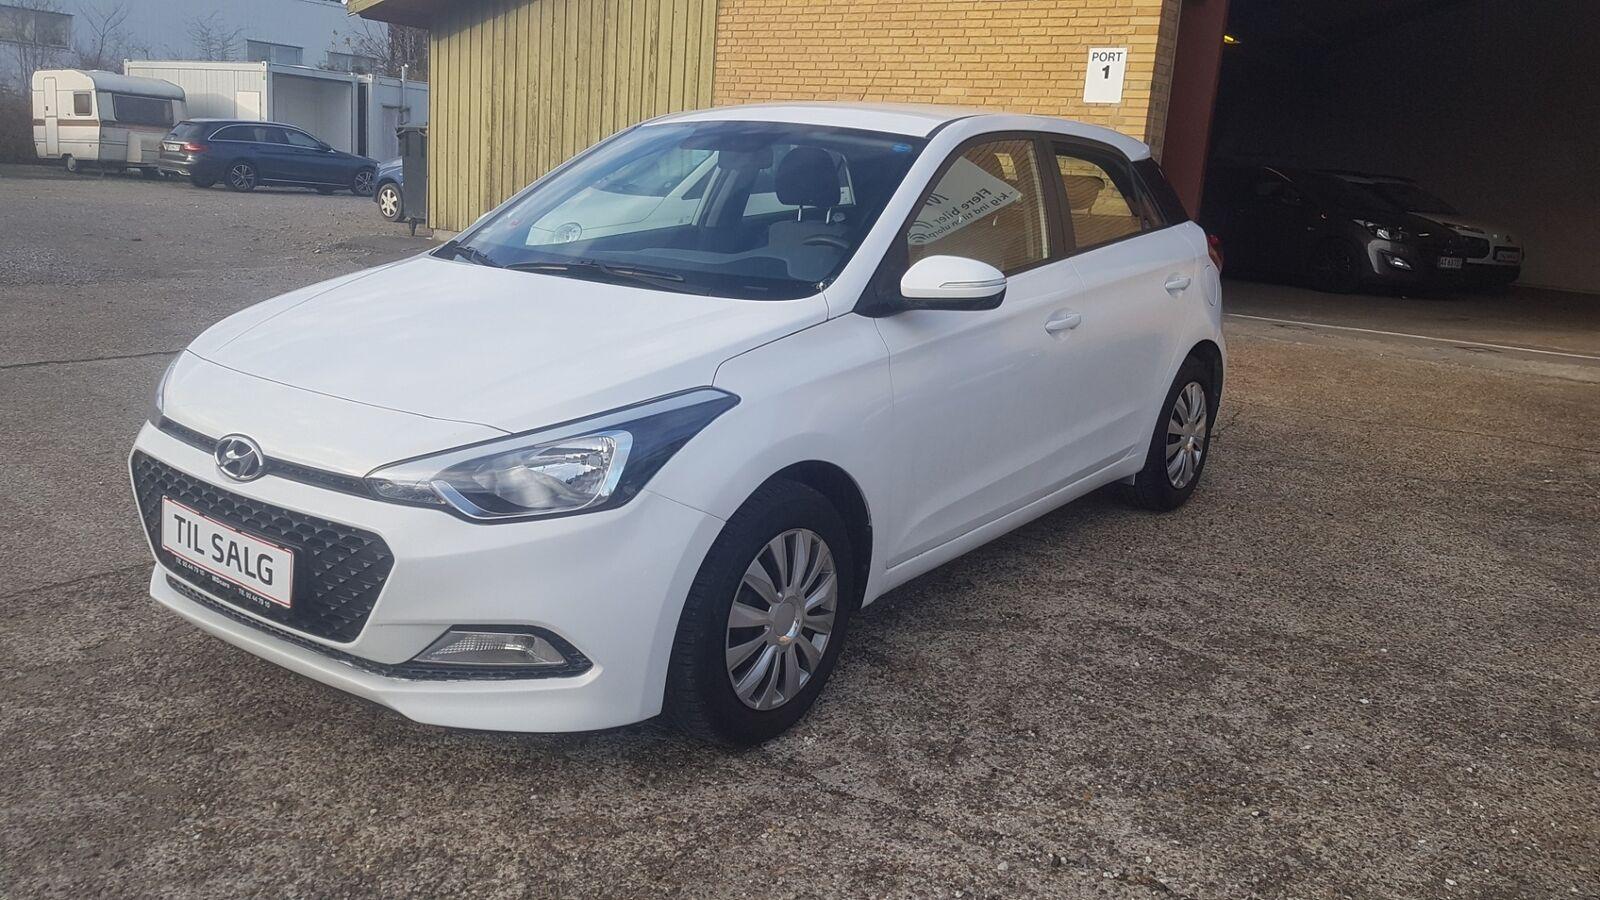 Hyundai i20 1,1 CRDi 75 Active Eco 5d - 64.900 kr.